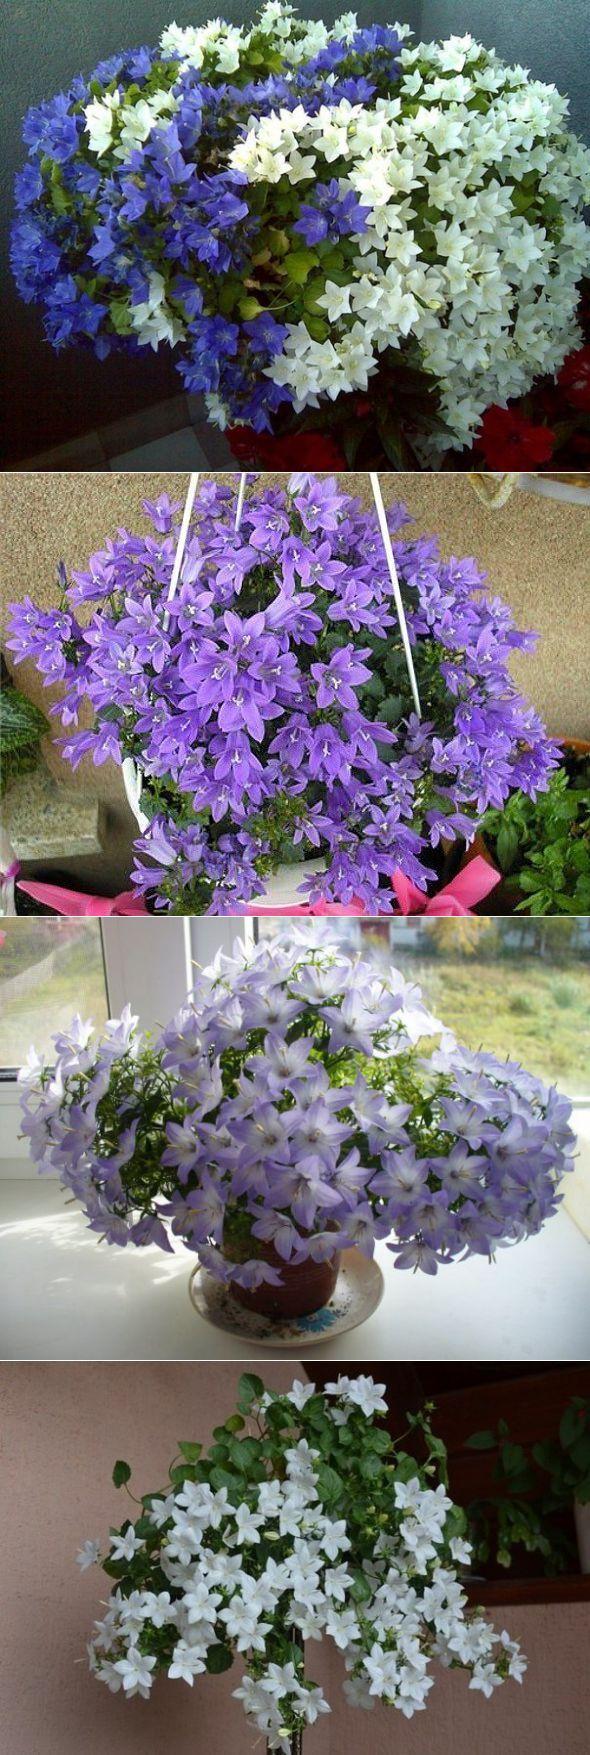 """Цветок """"невеста"""": уход в домашних условиях, описание, особенности выращивания. цветок кампанула"""